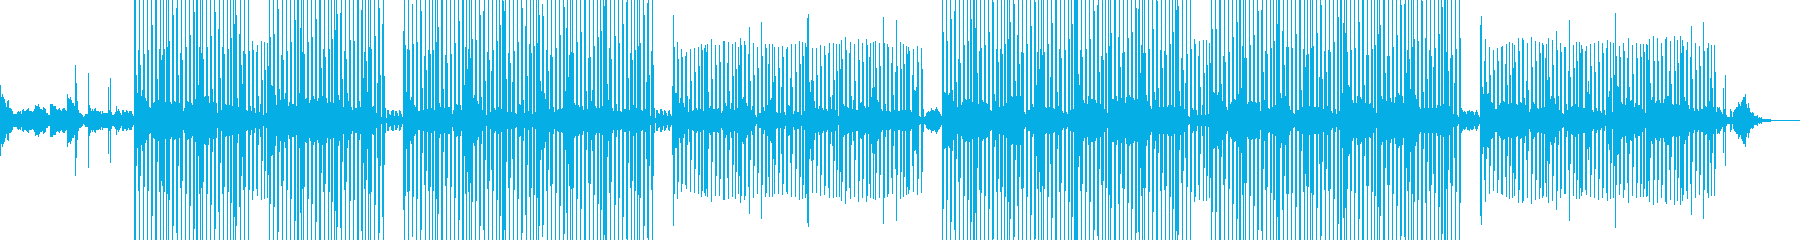 ヴォーグダンスに最適な音楽の再生済みの波形